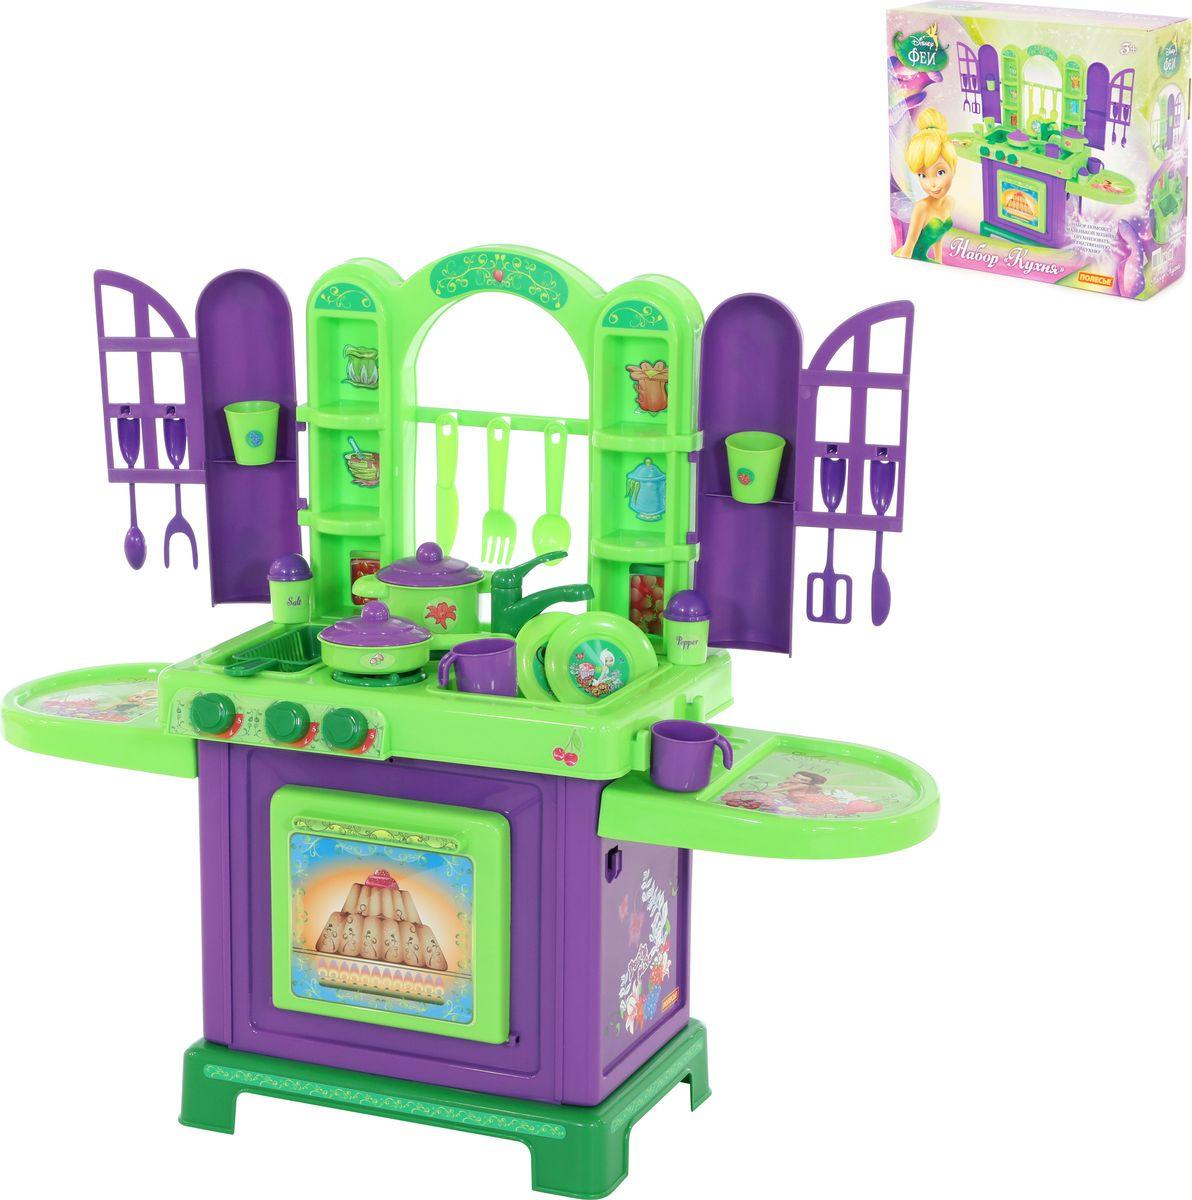 Игровой набор Полесье Кухня Disney Феи, 73174